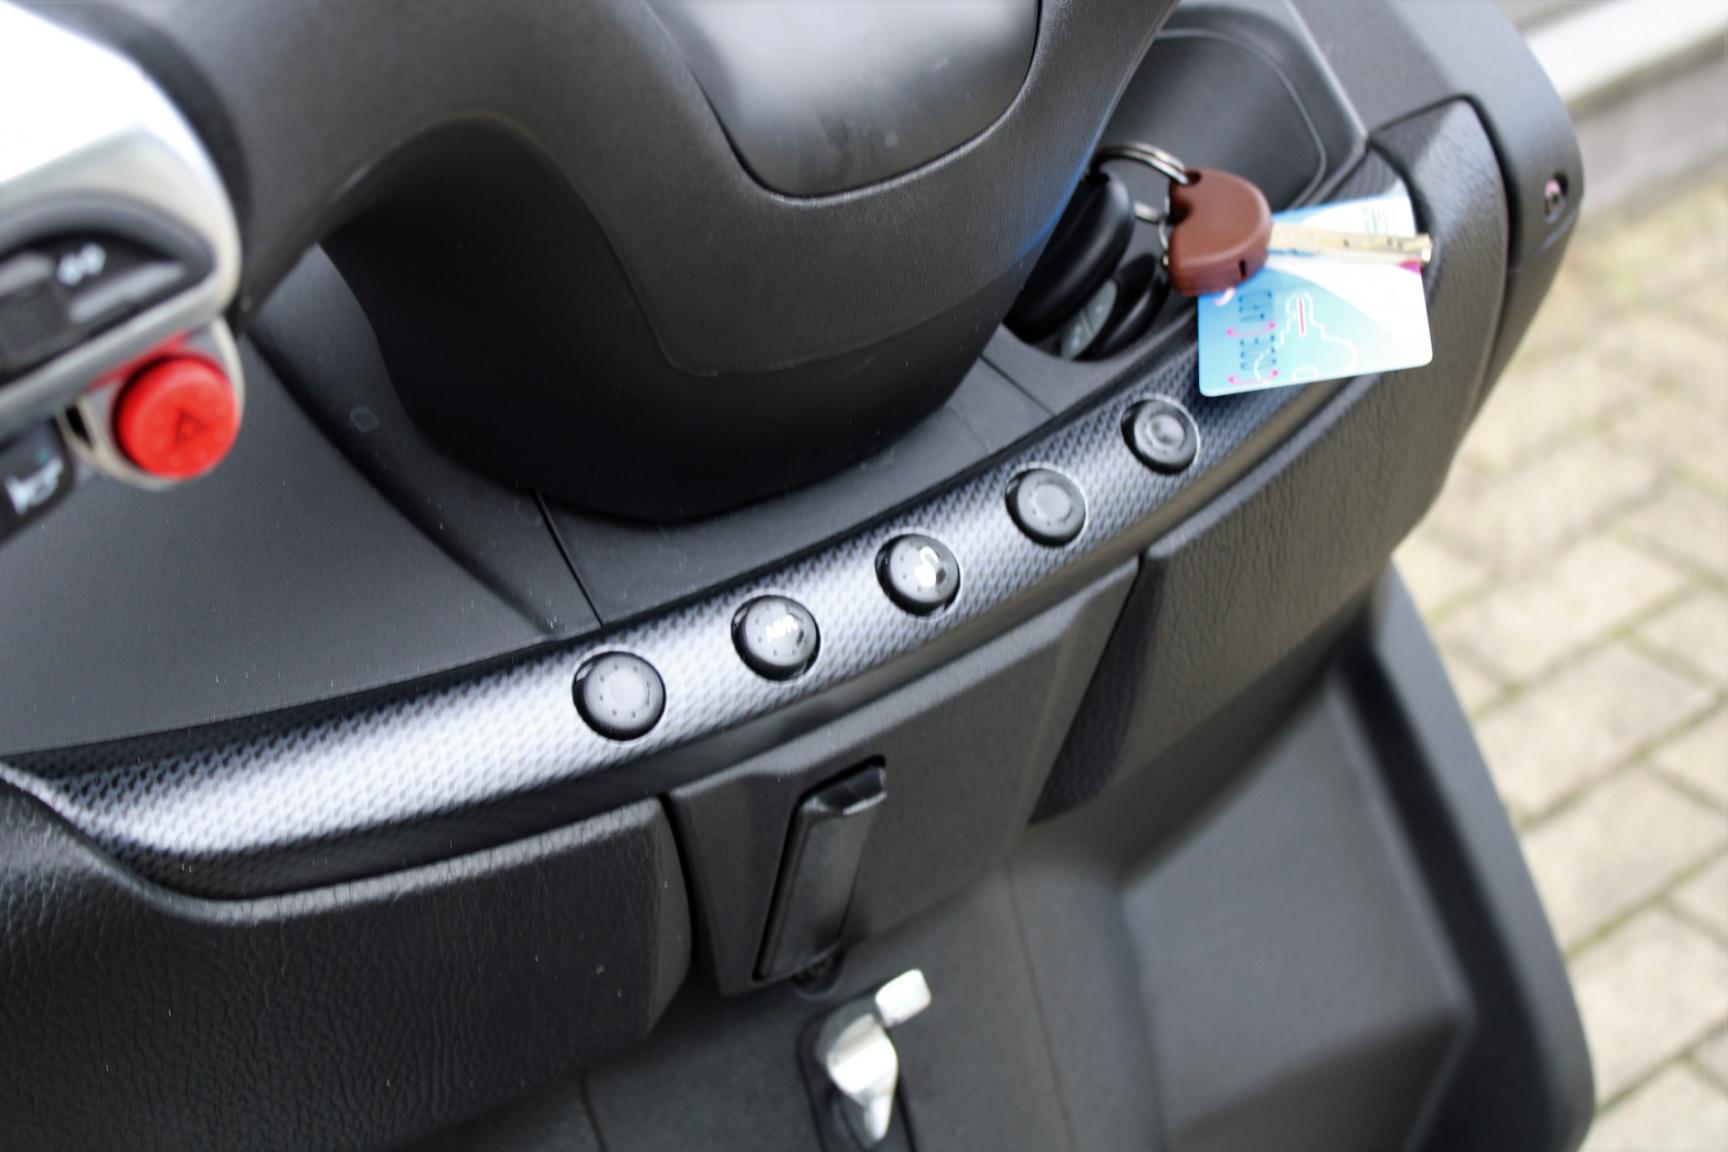 Piaggio-500 MP3 HPE Sport 4678KM Bouwjaar 2020-19